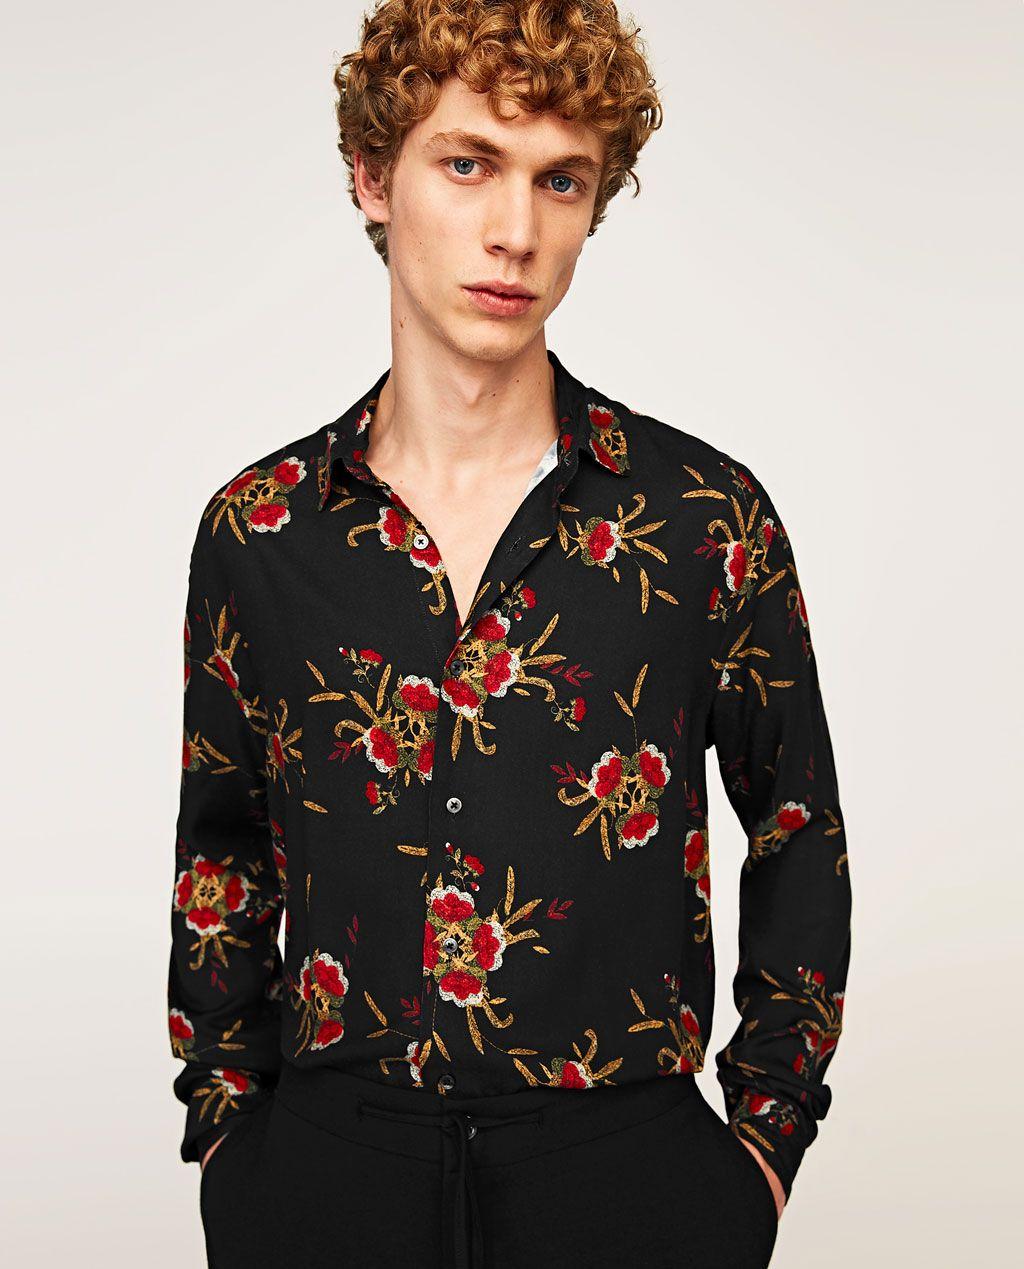 Compra Camisas transparentes para los hombres online al